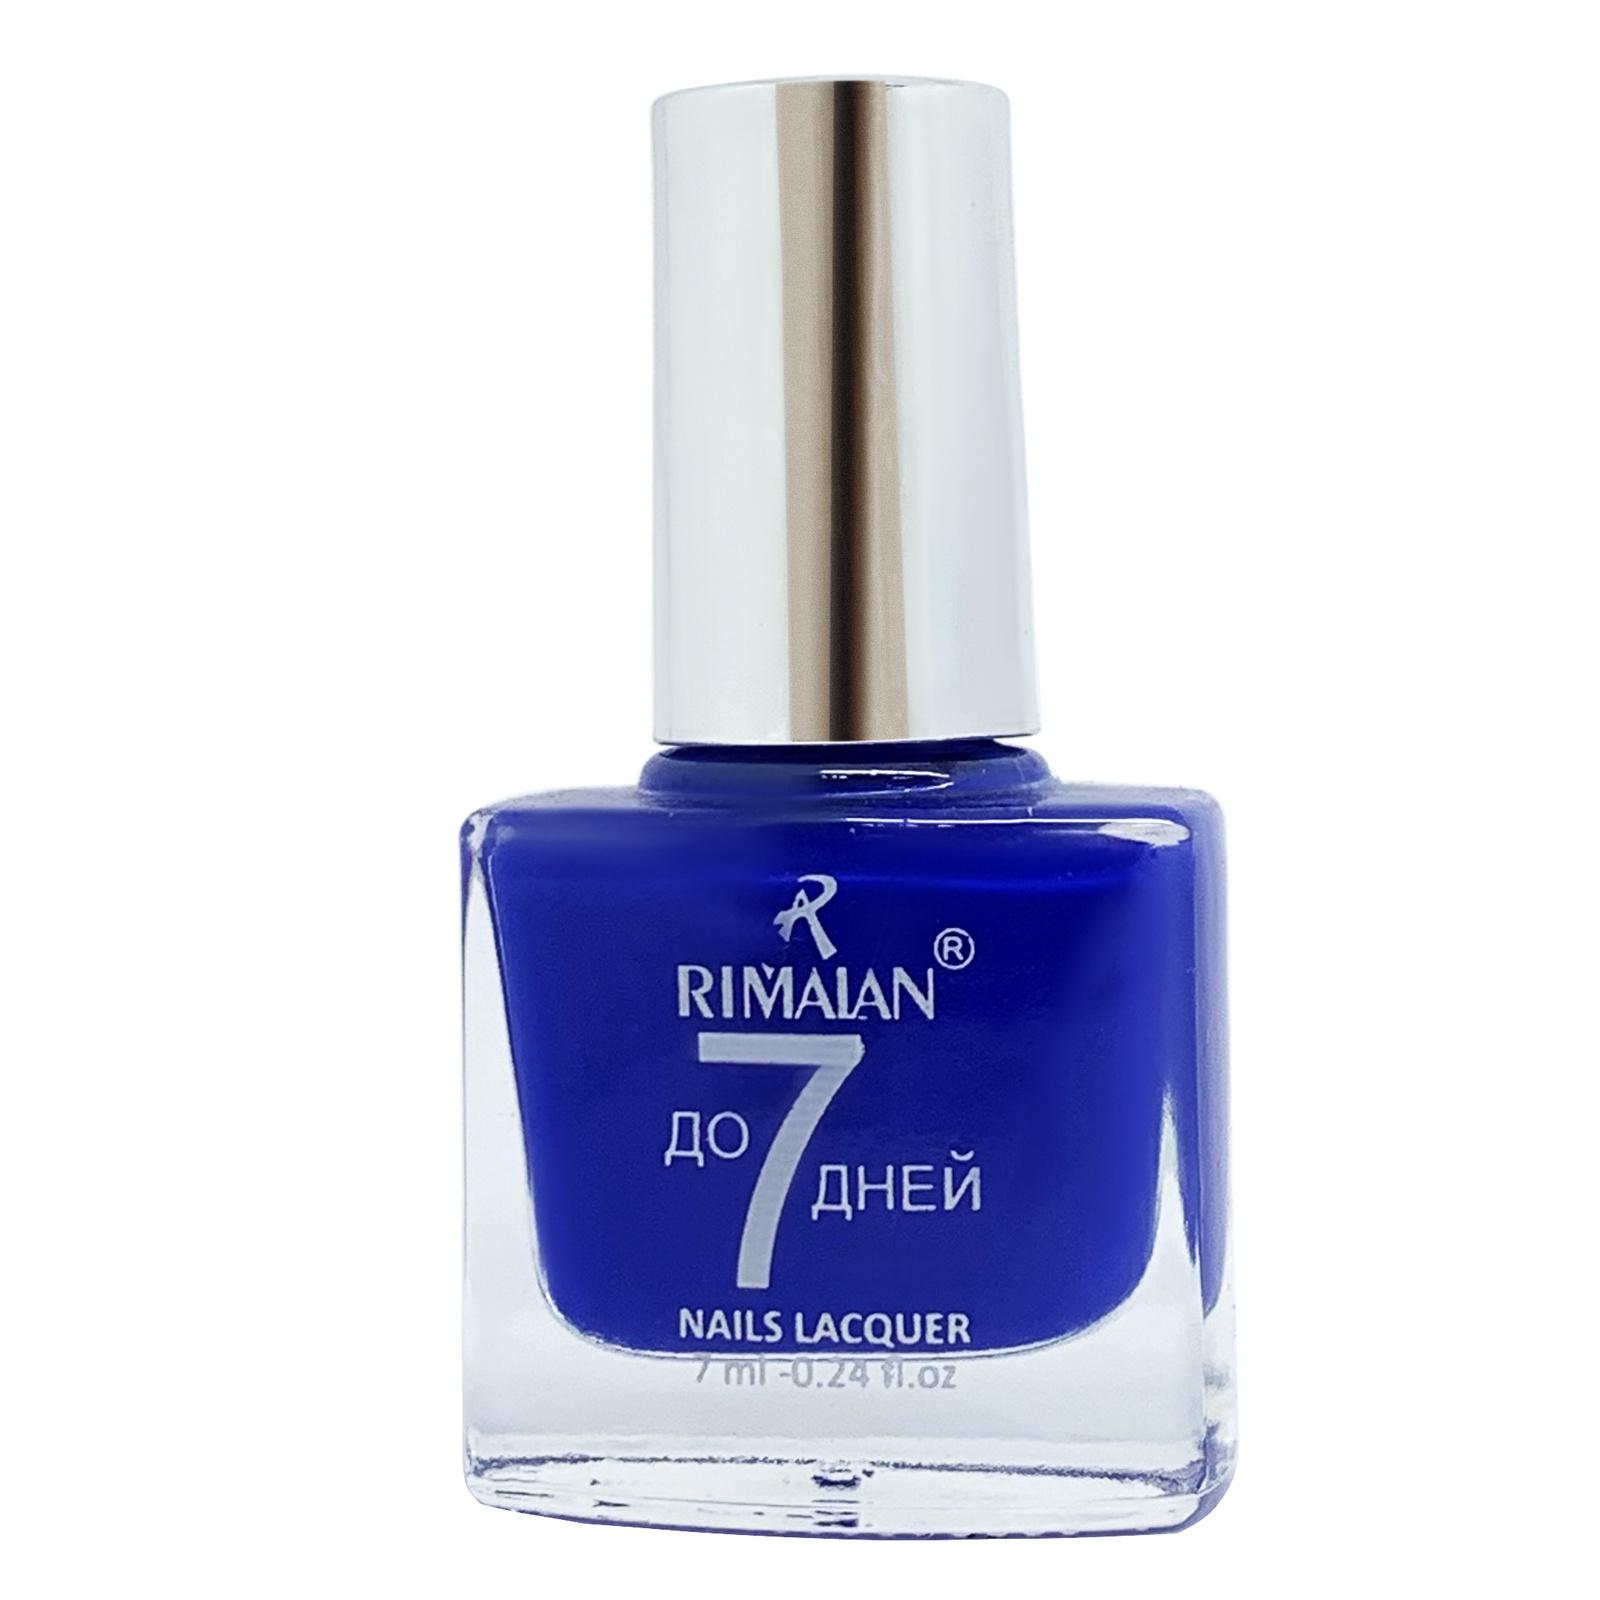 Rimalan 888-17 Лак для ногтей 7ml RNL888 до 7 дней 17 синий